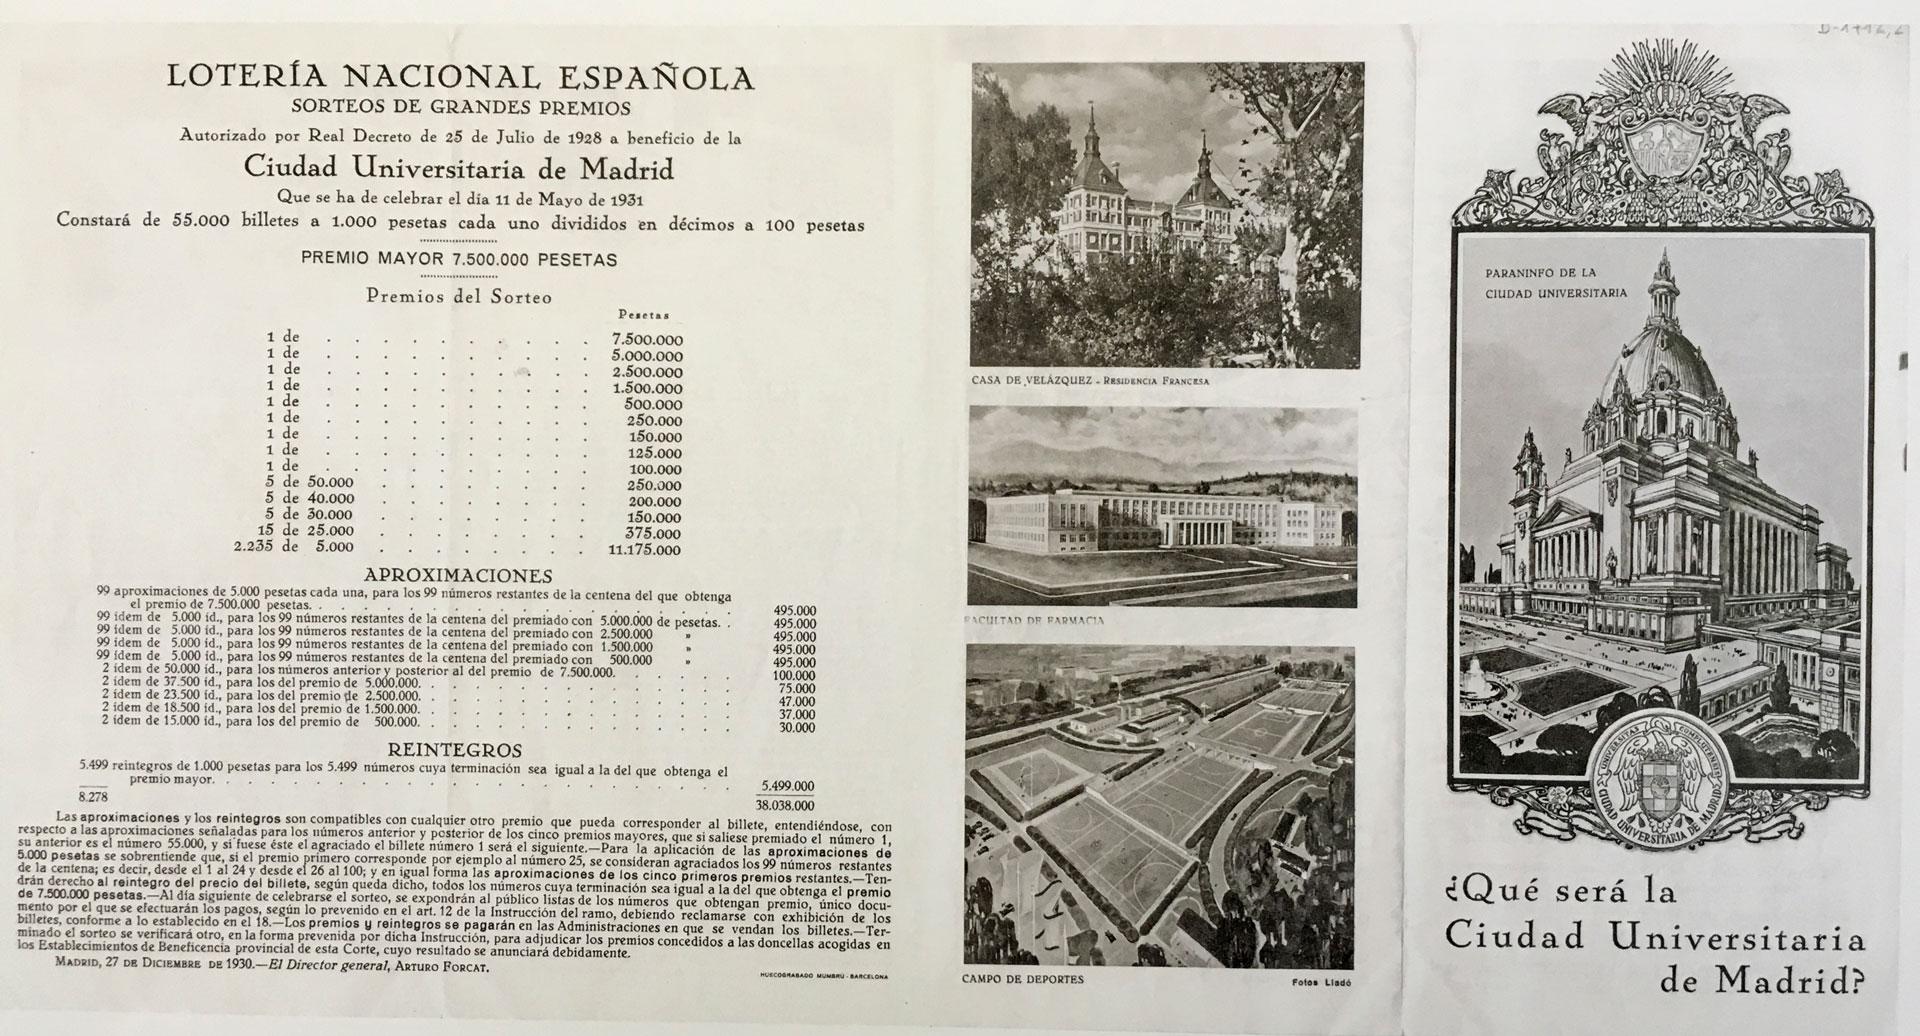 Folleto de propaganda de la CIudad Universitaria con el anuncio del sorteo de lotería. 11 de mayo de 1931